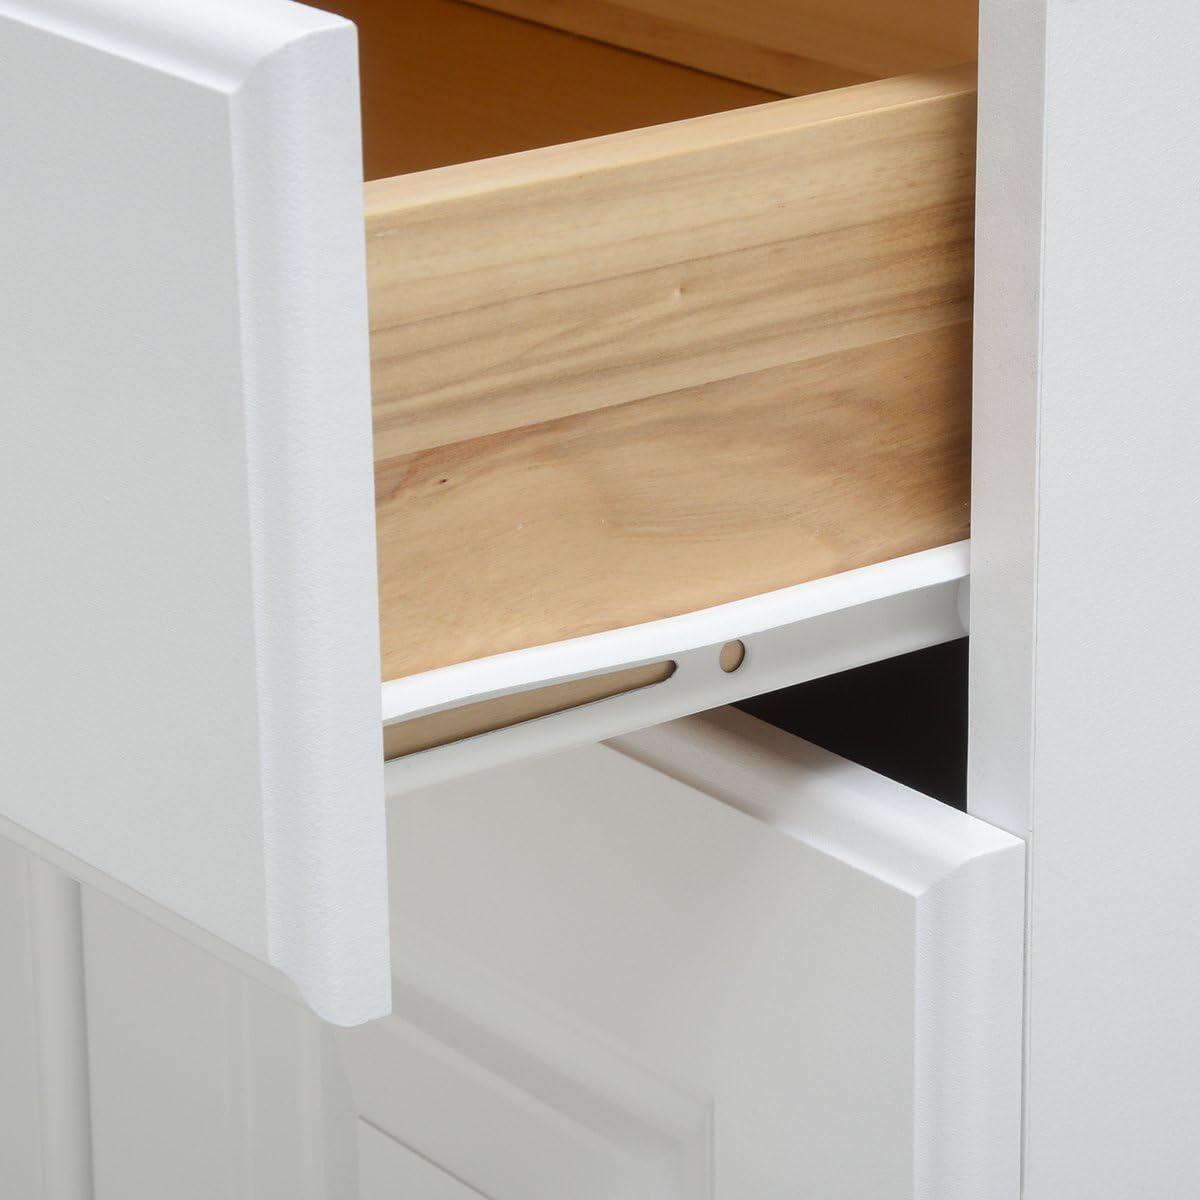 AmazonBasics - Guías correderas para cajones, tipo europeo, 35,6 cm, revestimiento blanco en polvo - paquete de 2: Amazon.es: Bricolaje y herramientas